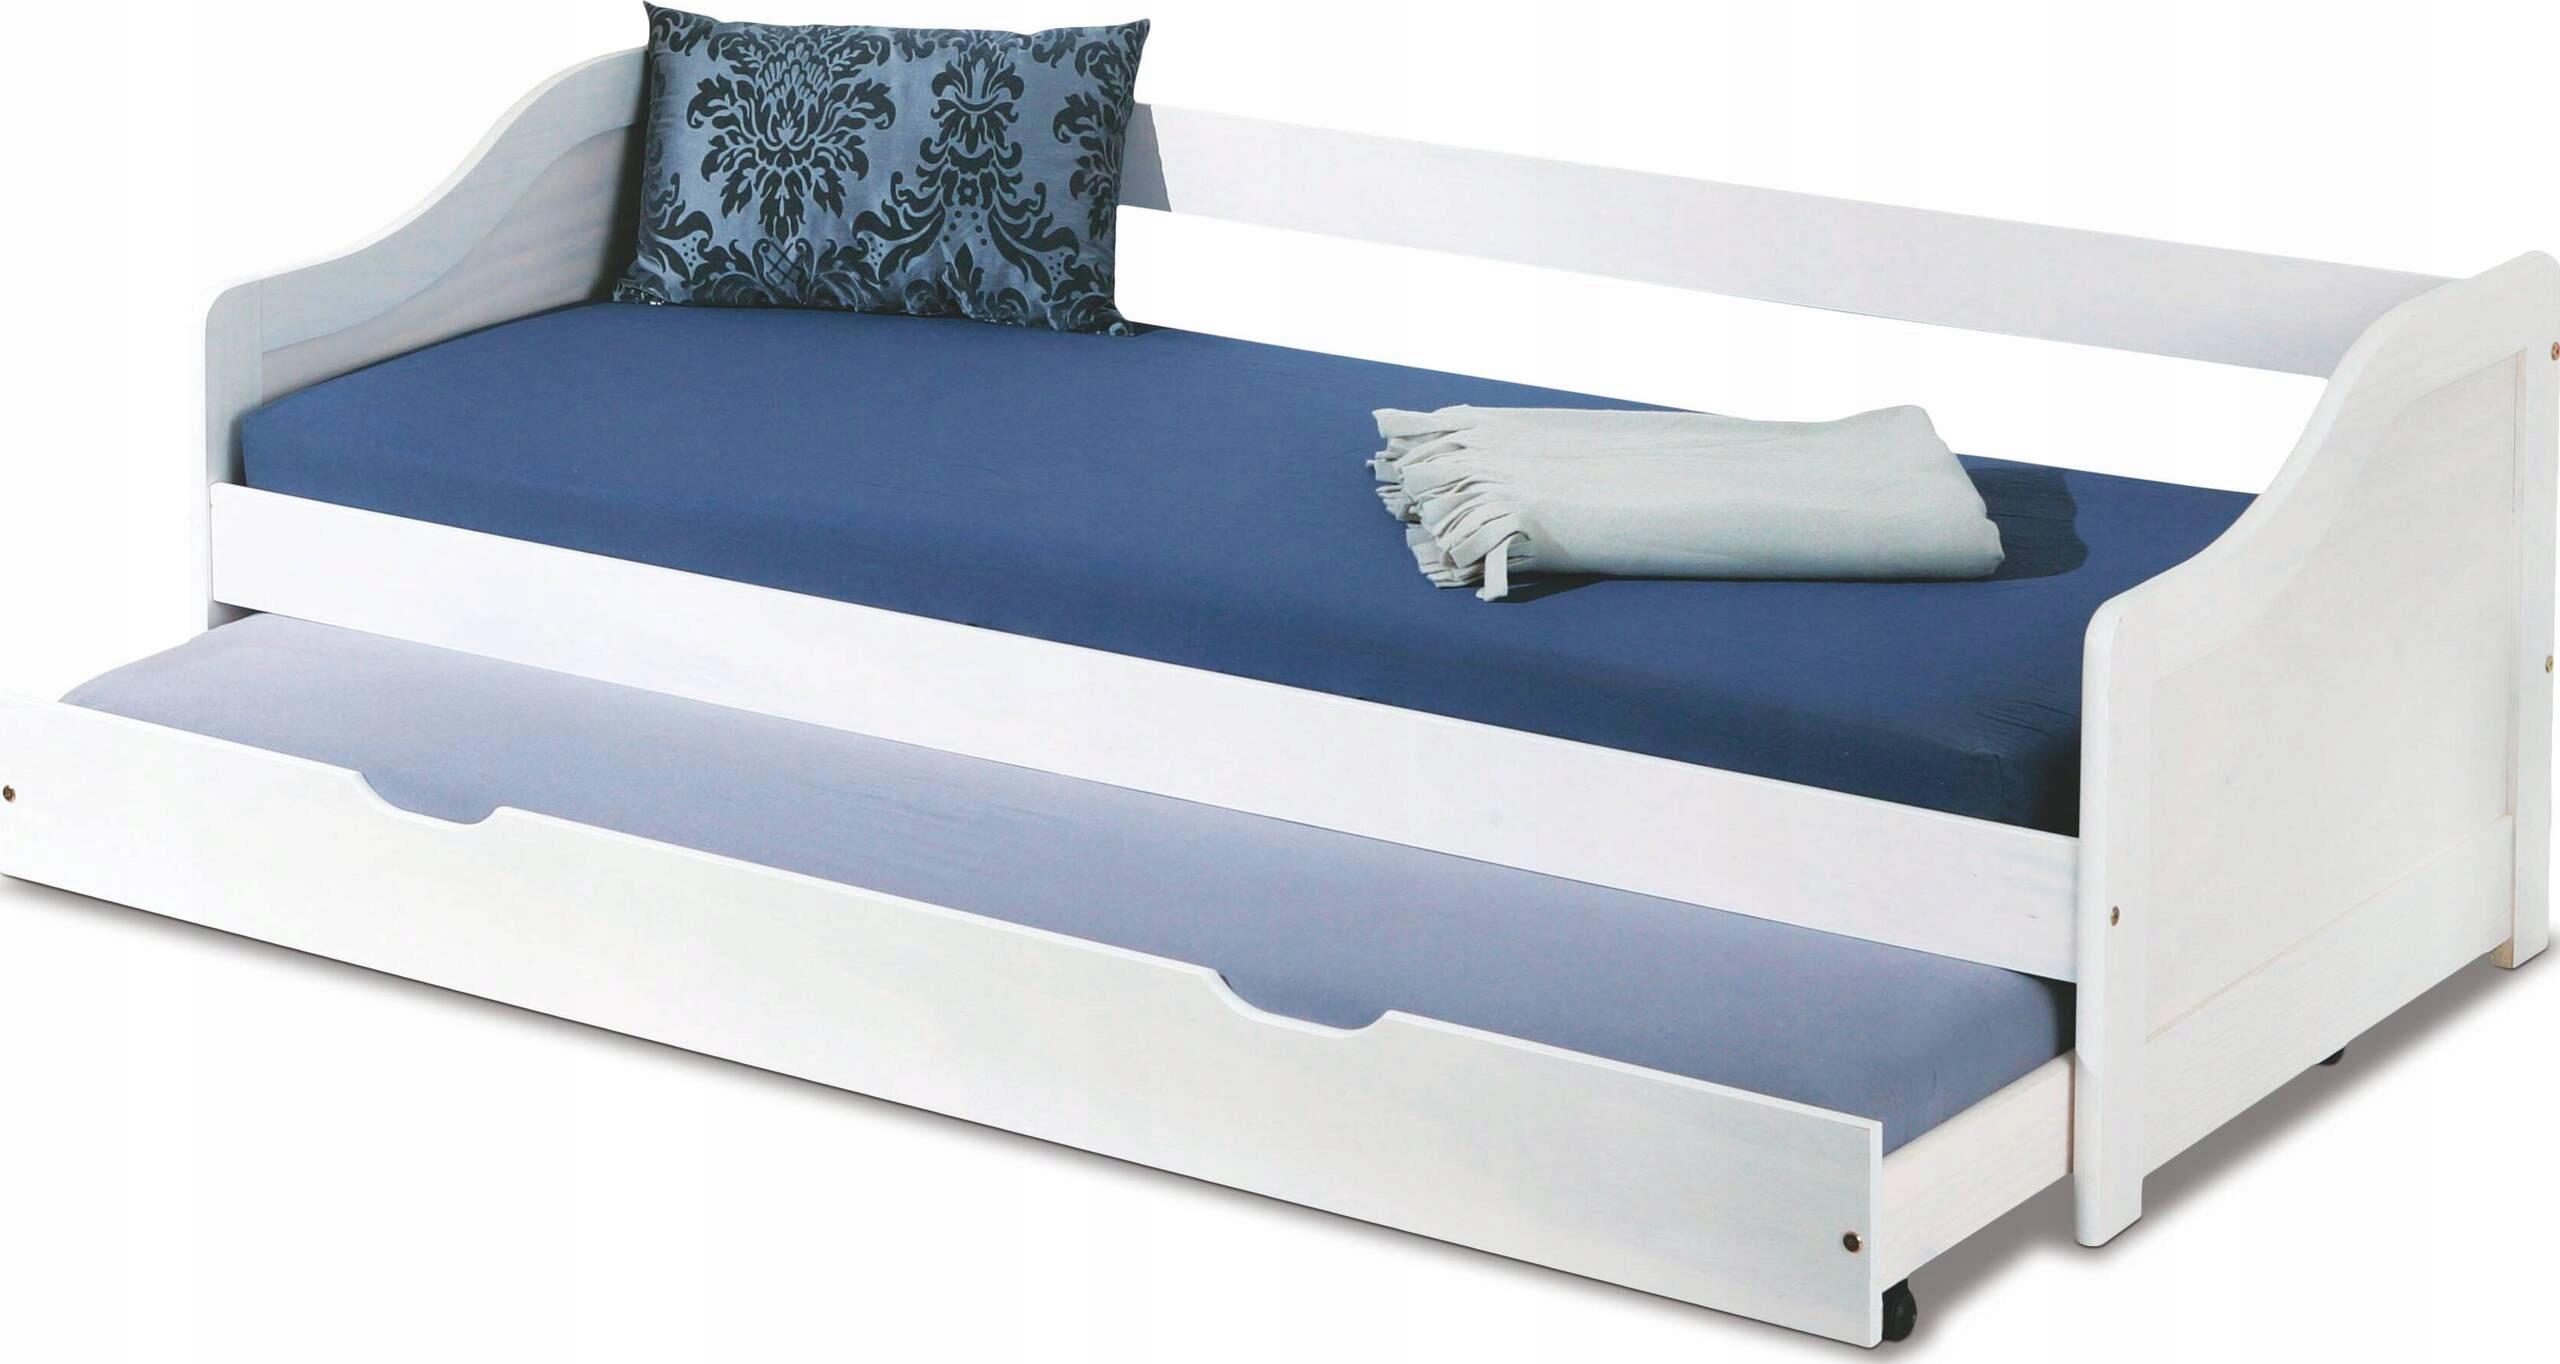 łóżko Białe Młodzieżowe Podwójne Szybka Dostawa 6879729942